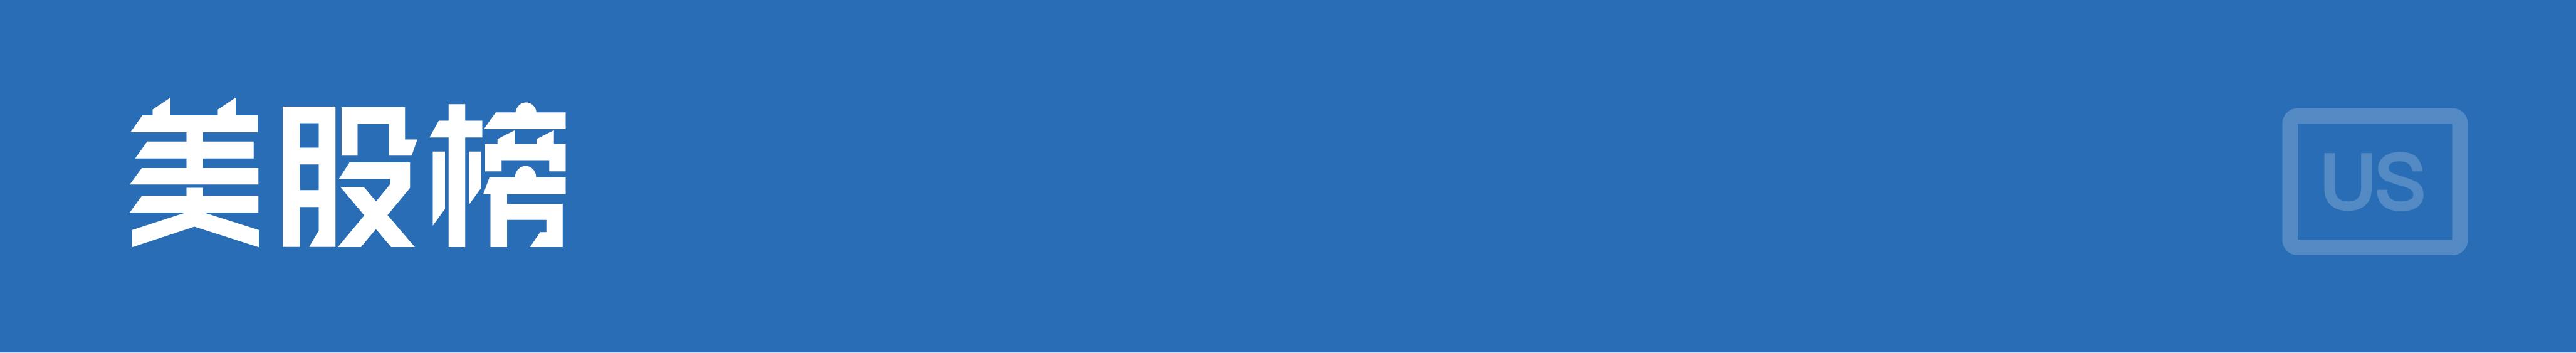 天游平台注册地址早财经丨国庆档新片总票房破10亿;美股全线上涨,默沙东称新冠新药可将住院和死亡风险减半;蜜雪冰城A股IPO已辅导备案